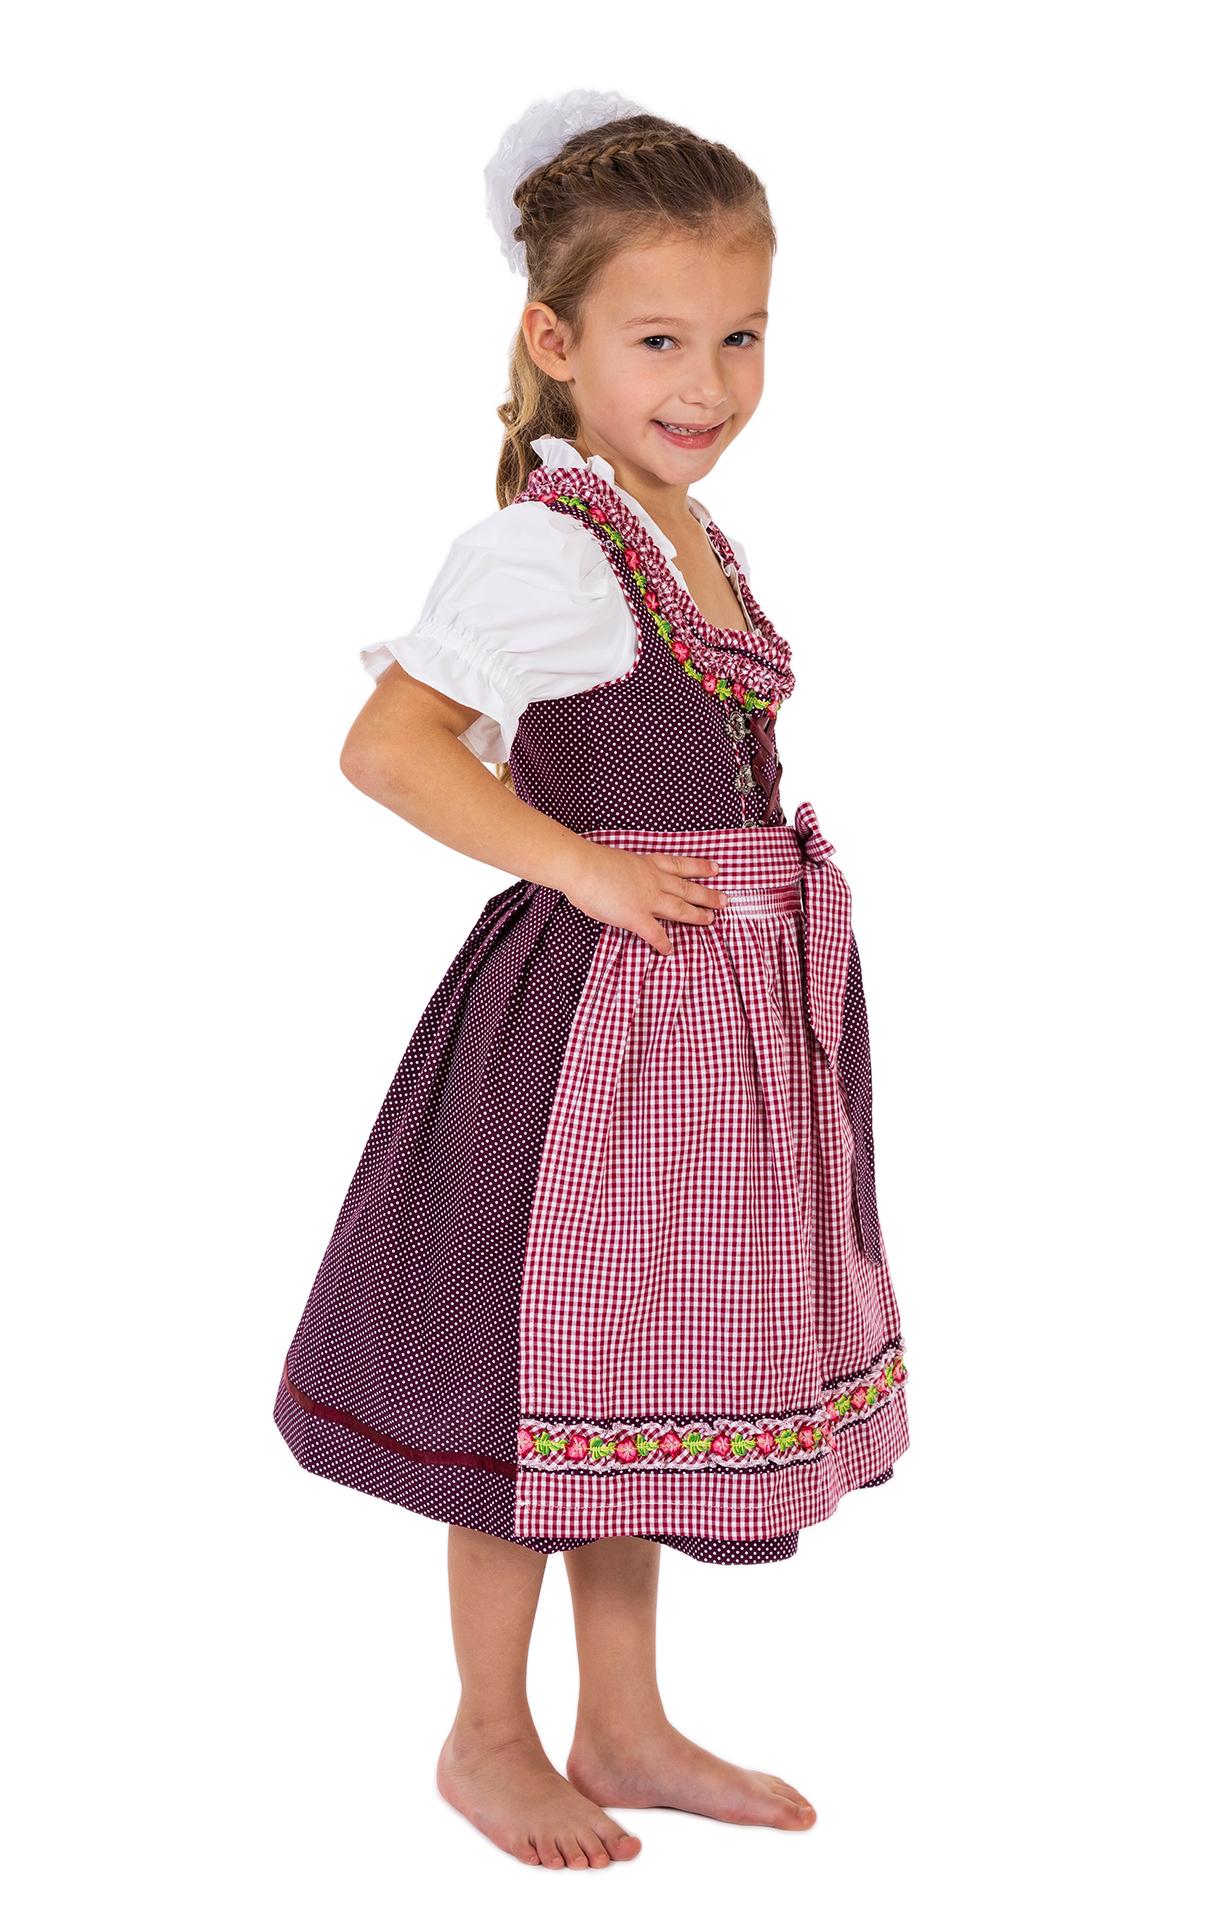 weitere Bilder von Bambini Dirndl Modell BLANDA-KIDS prugna